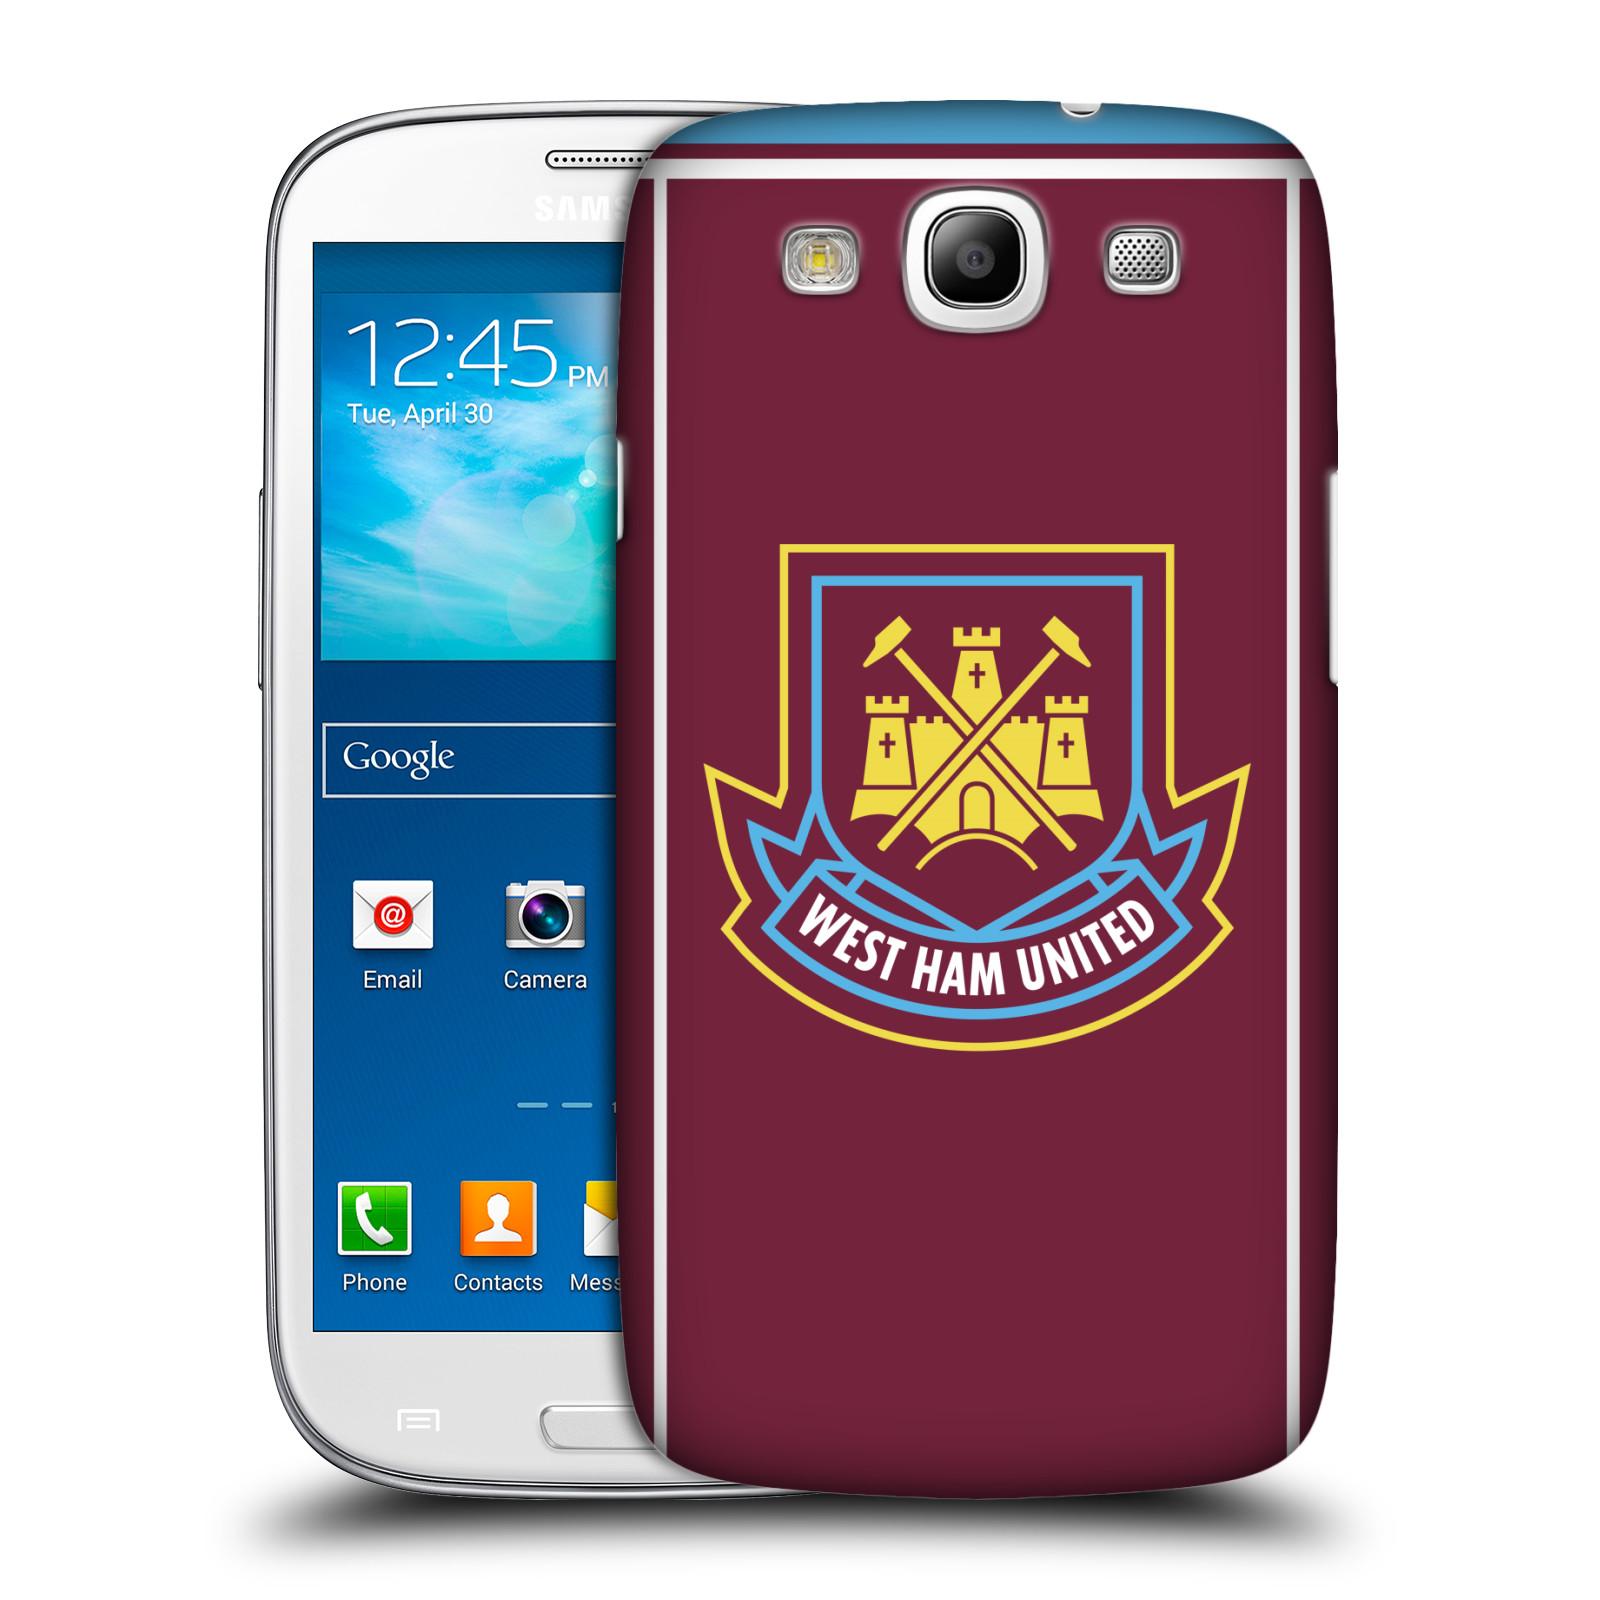 Plastové pouzdro na mobil Samsung Galaxy S III - Head Case - West Ham United - Retro znak (Plastový kryt či obal na mobilní telefon s motivem West Ham United - Kladiváři - Retro znak pro Samsung Galaxy S III GT-i9300)